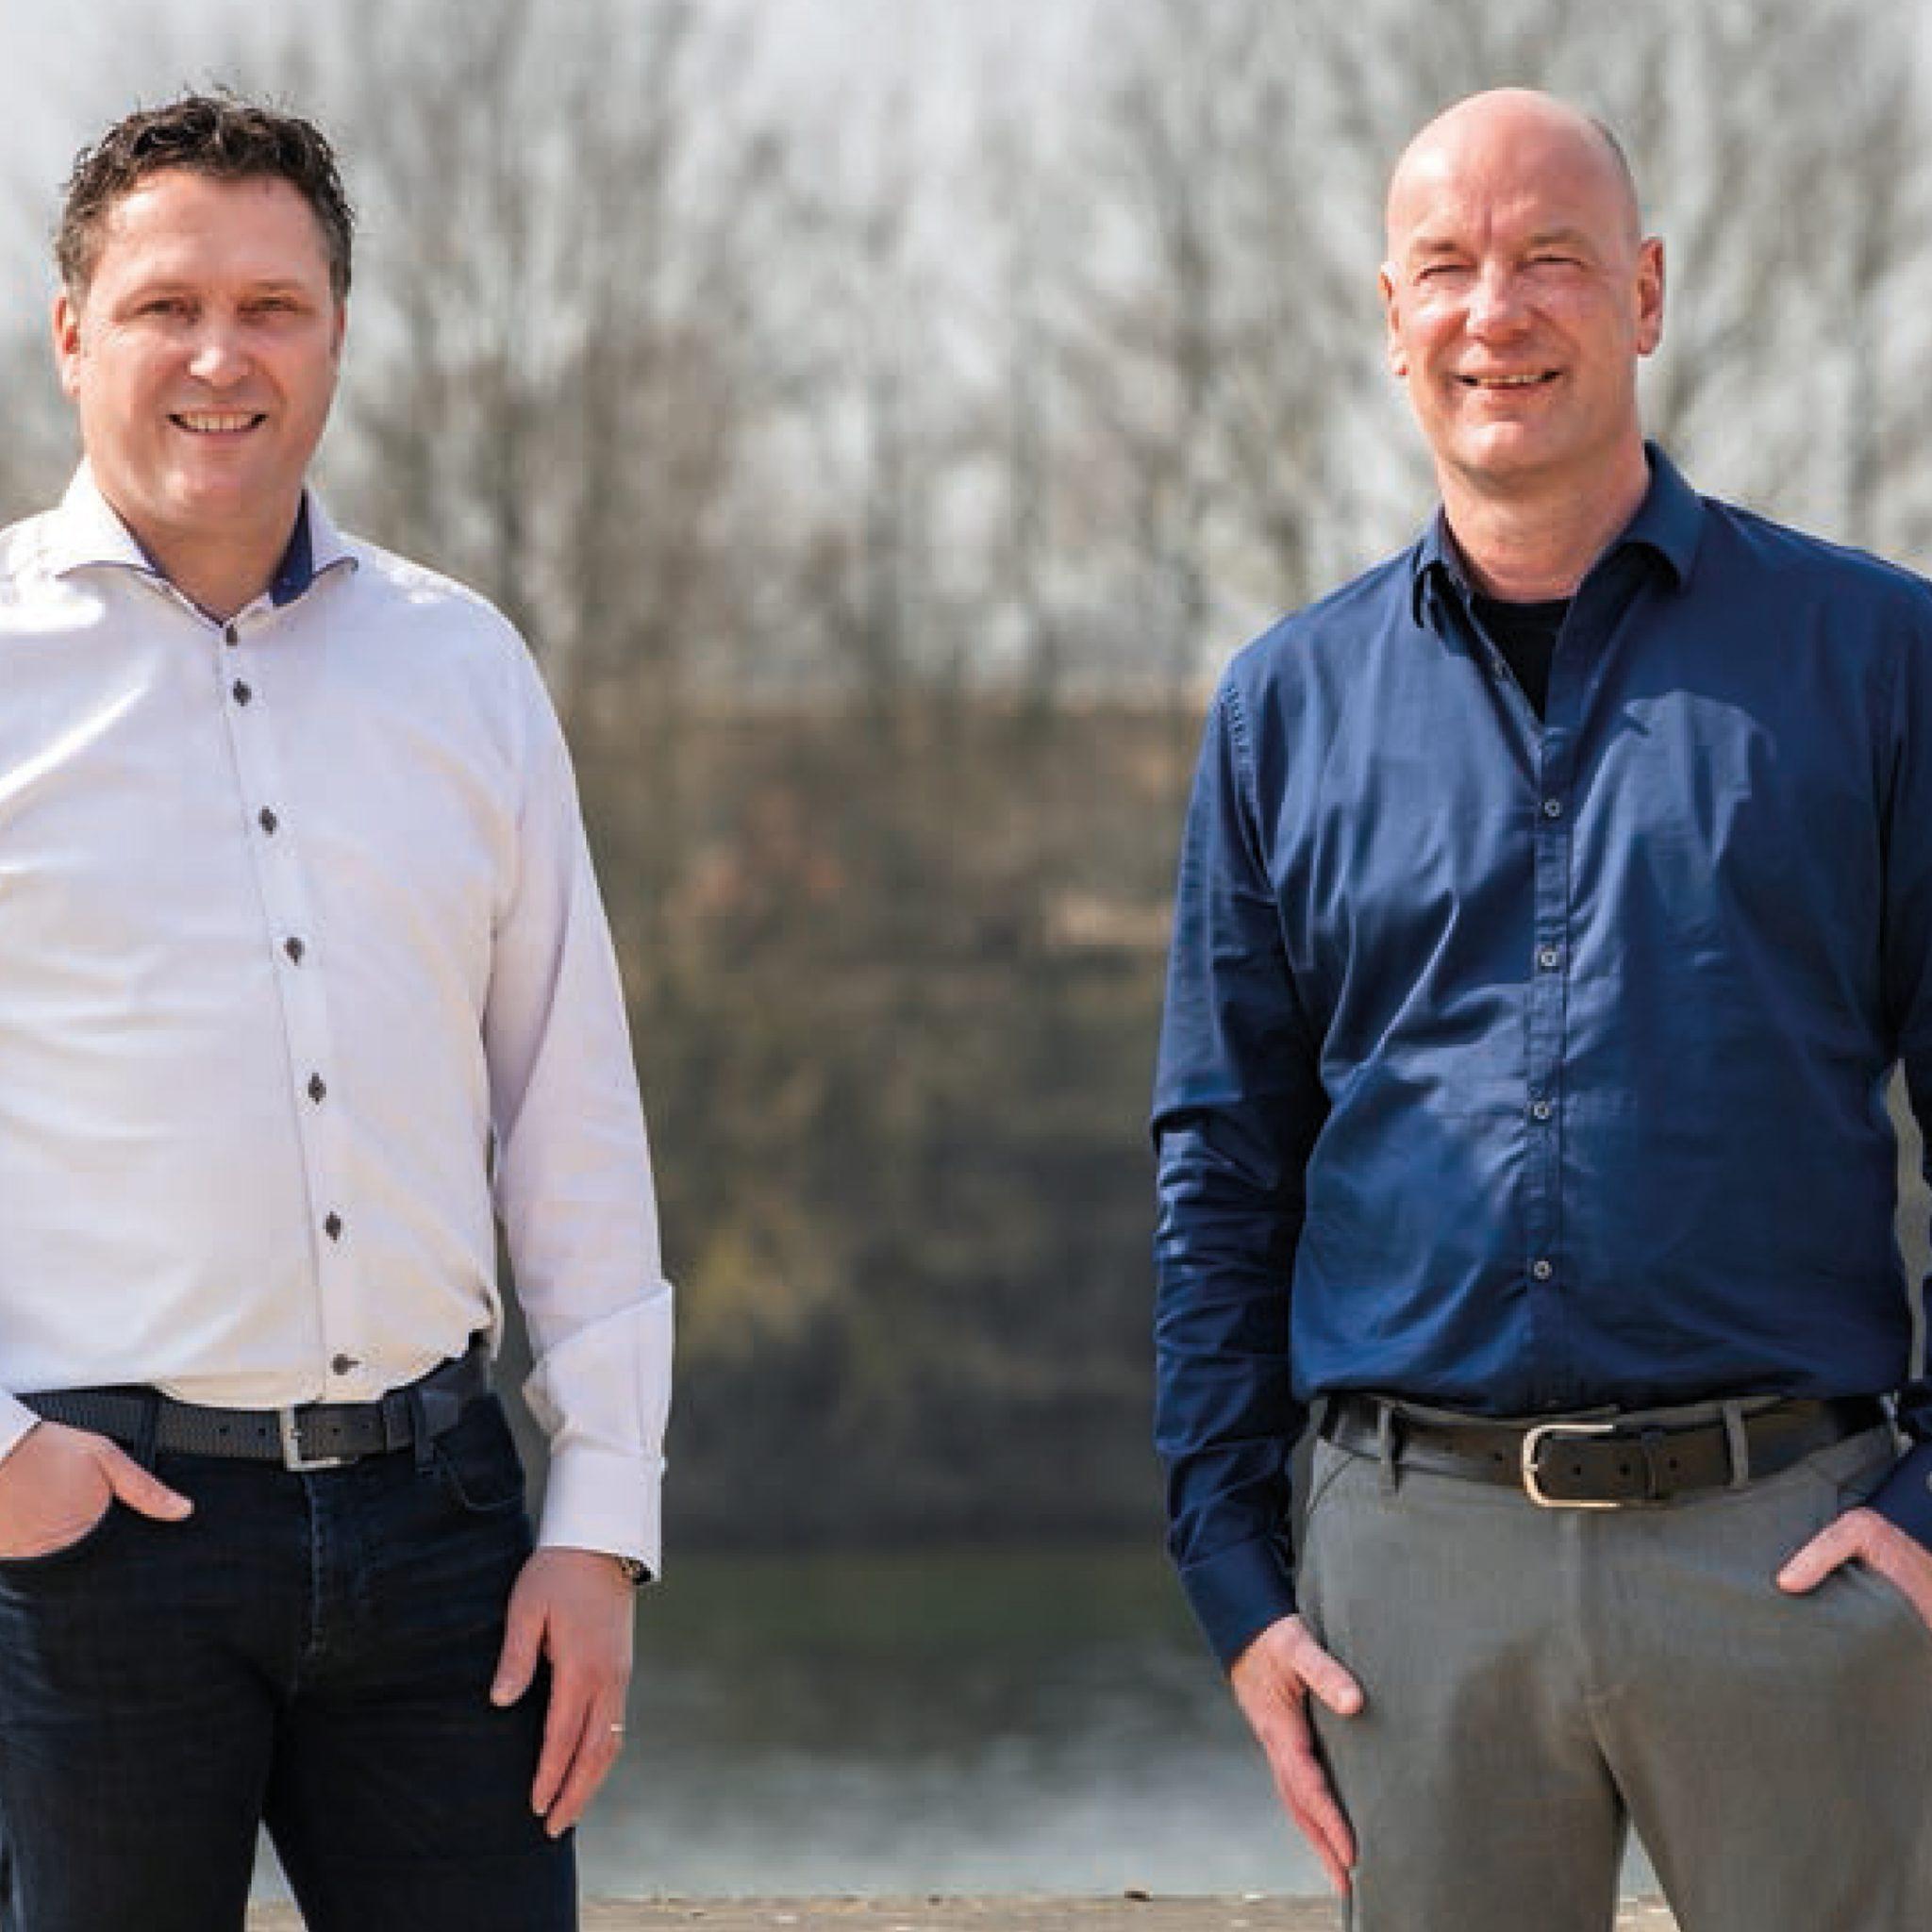 Directeur Ramon Janssen van AVG en Werner Teunesen van Teunesen Zand en Grint. Beide bedrijven hebben meer ruimte nodig in de haven van Heijen. (Foto AVG/Teunesen)